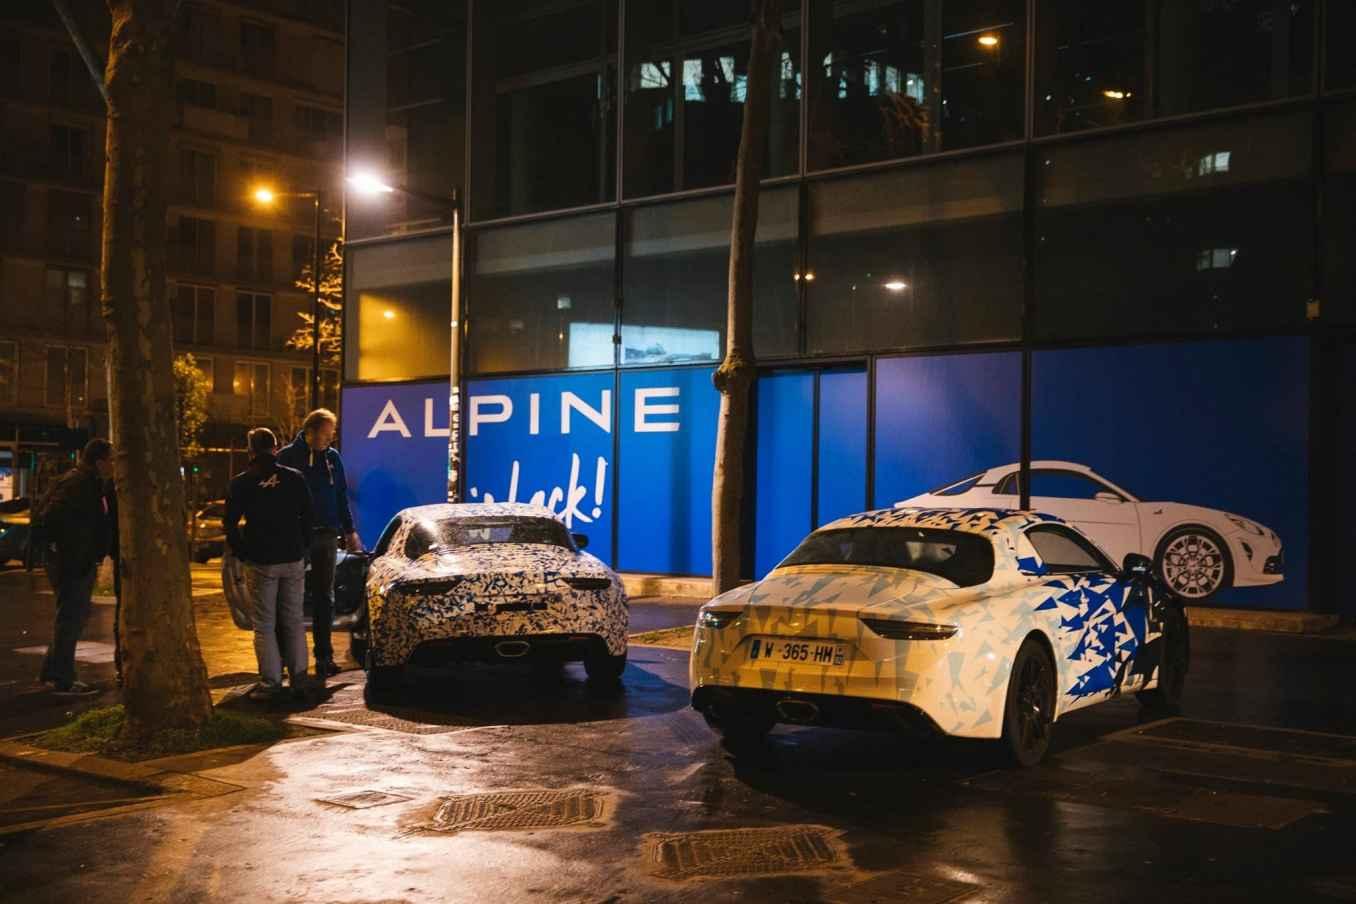 Alpine AS110 A110 Viree nocturne showroom 7 fevrier 2017 Team 7   Interview d'Antony Villain, directeur du Design Alpine, au salon de Genève 2017